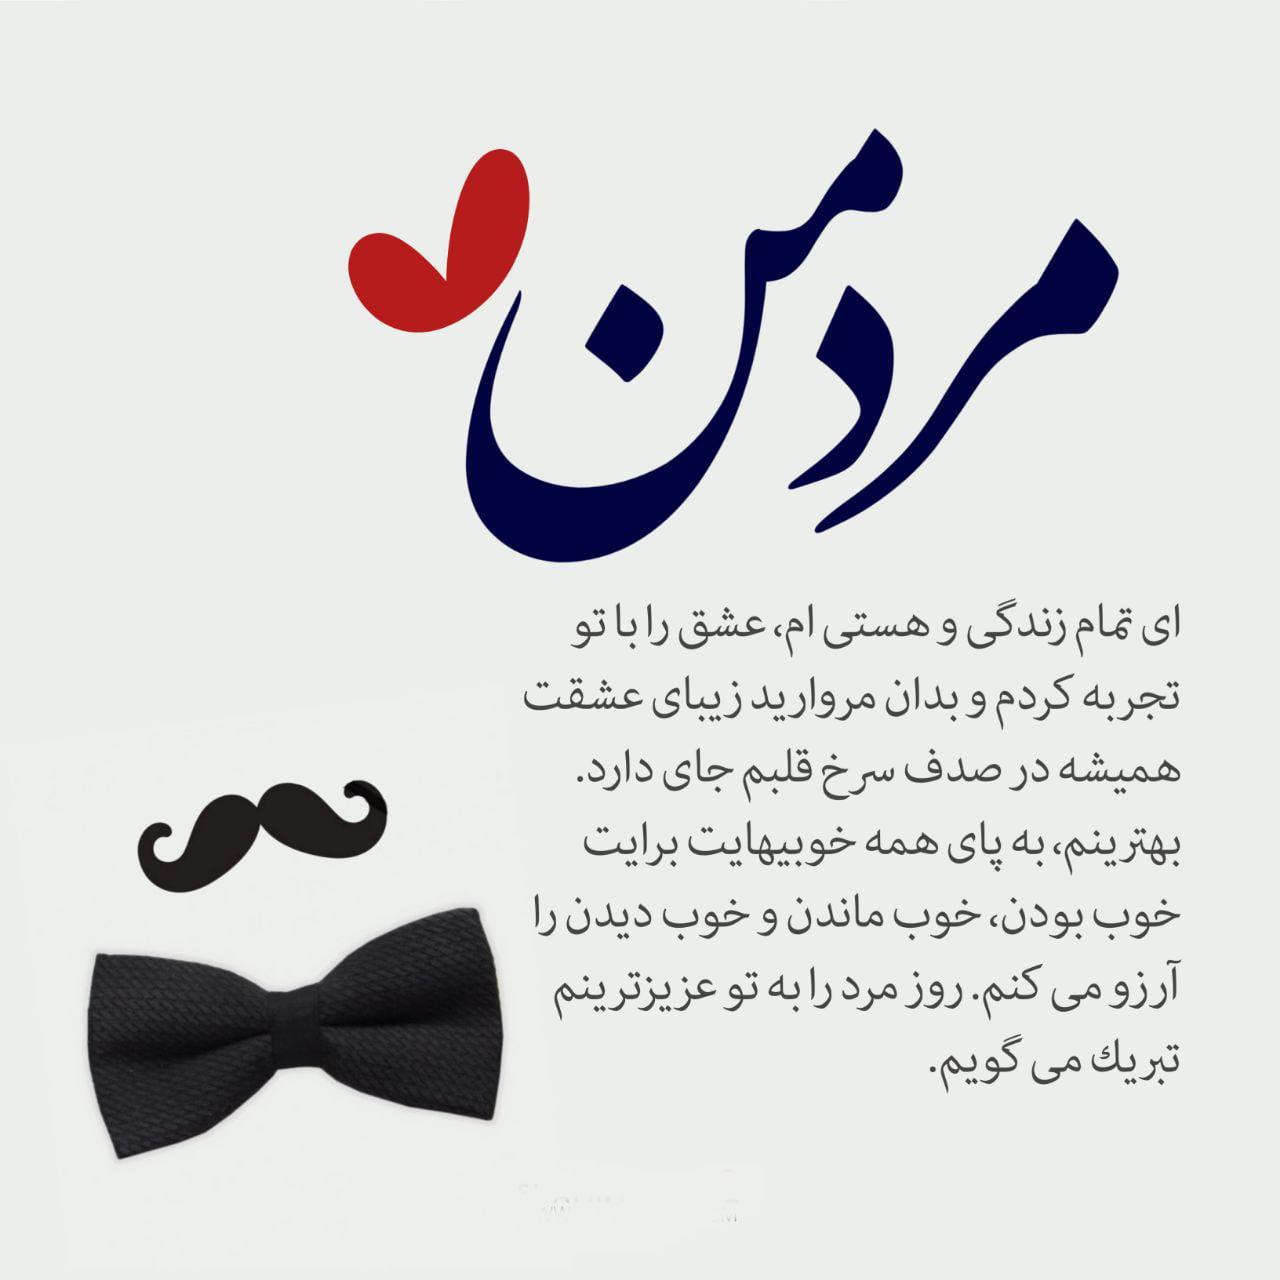 متن تبریک روز مرد به مناسبت روز مرد